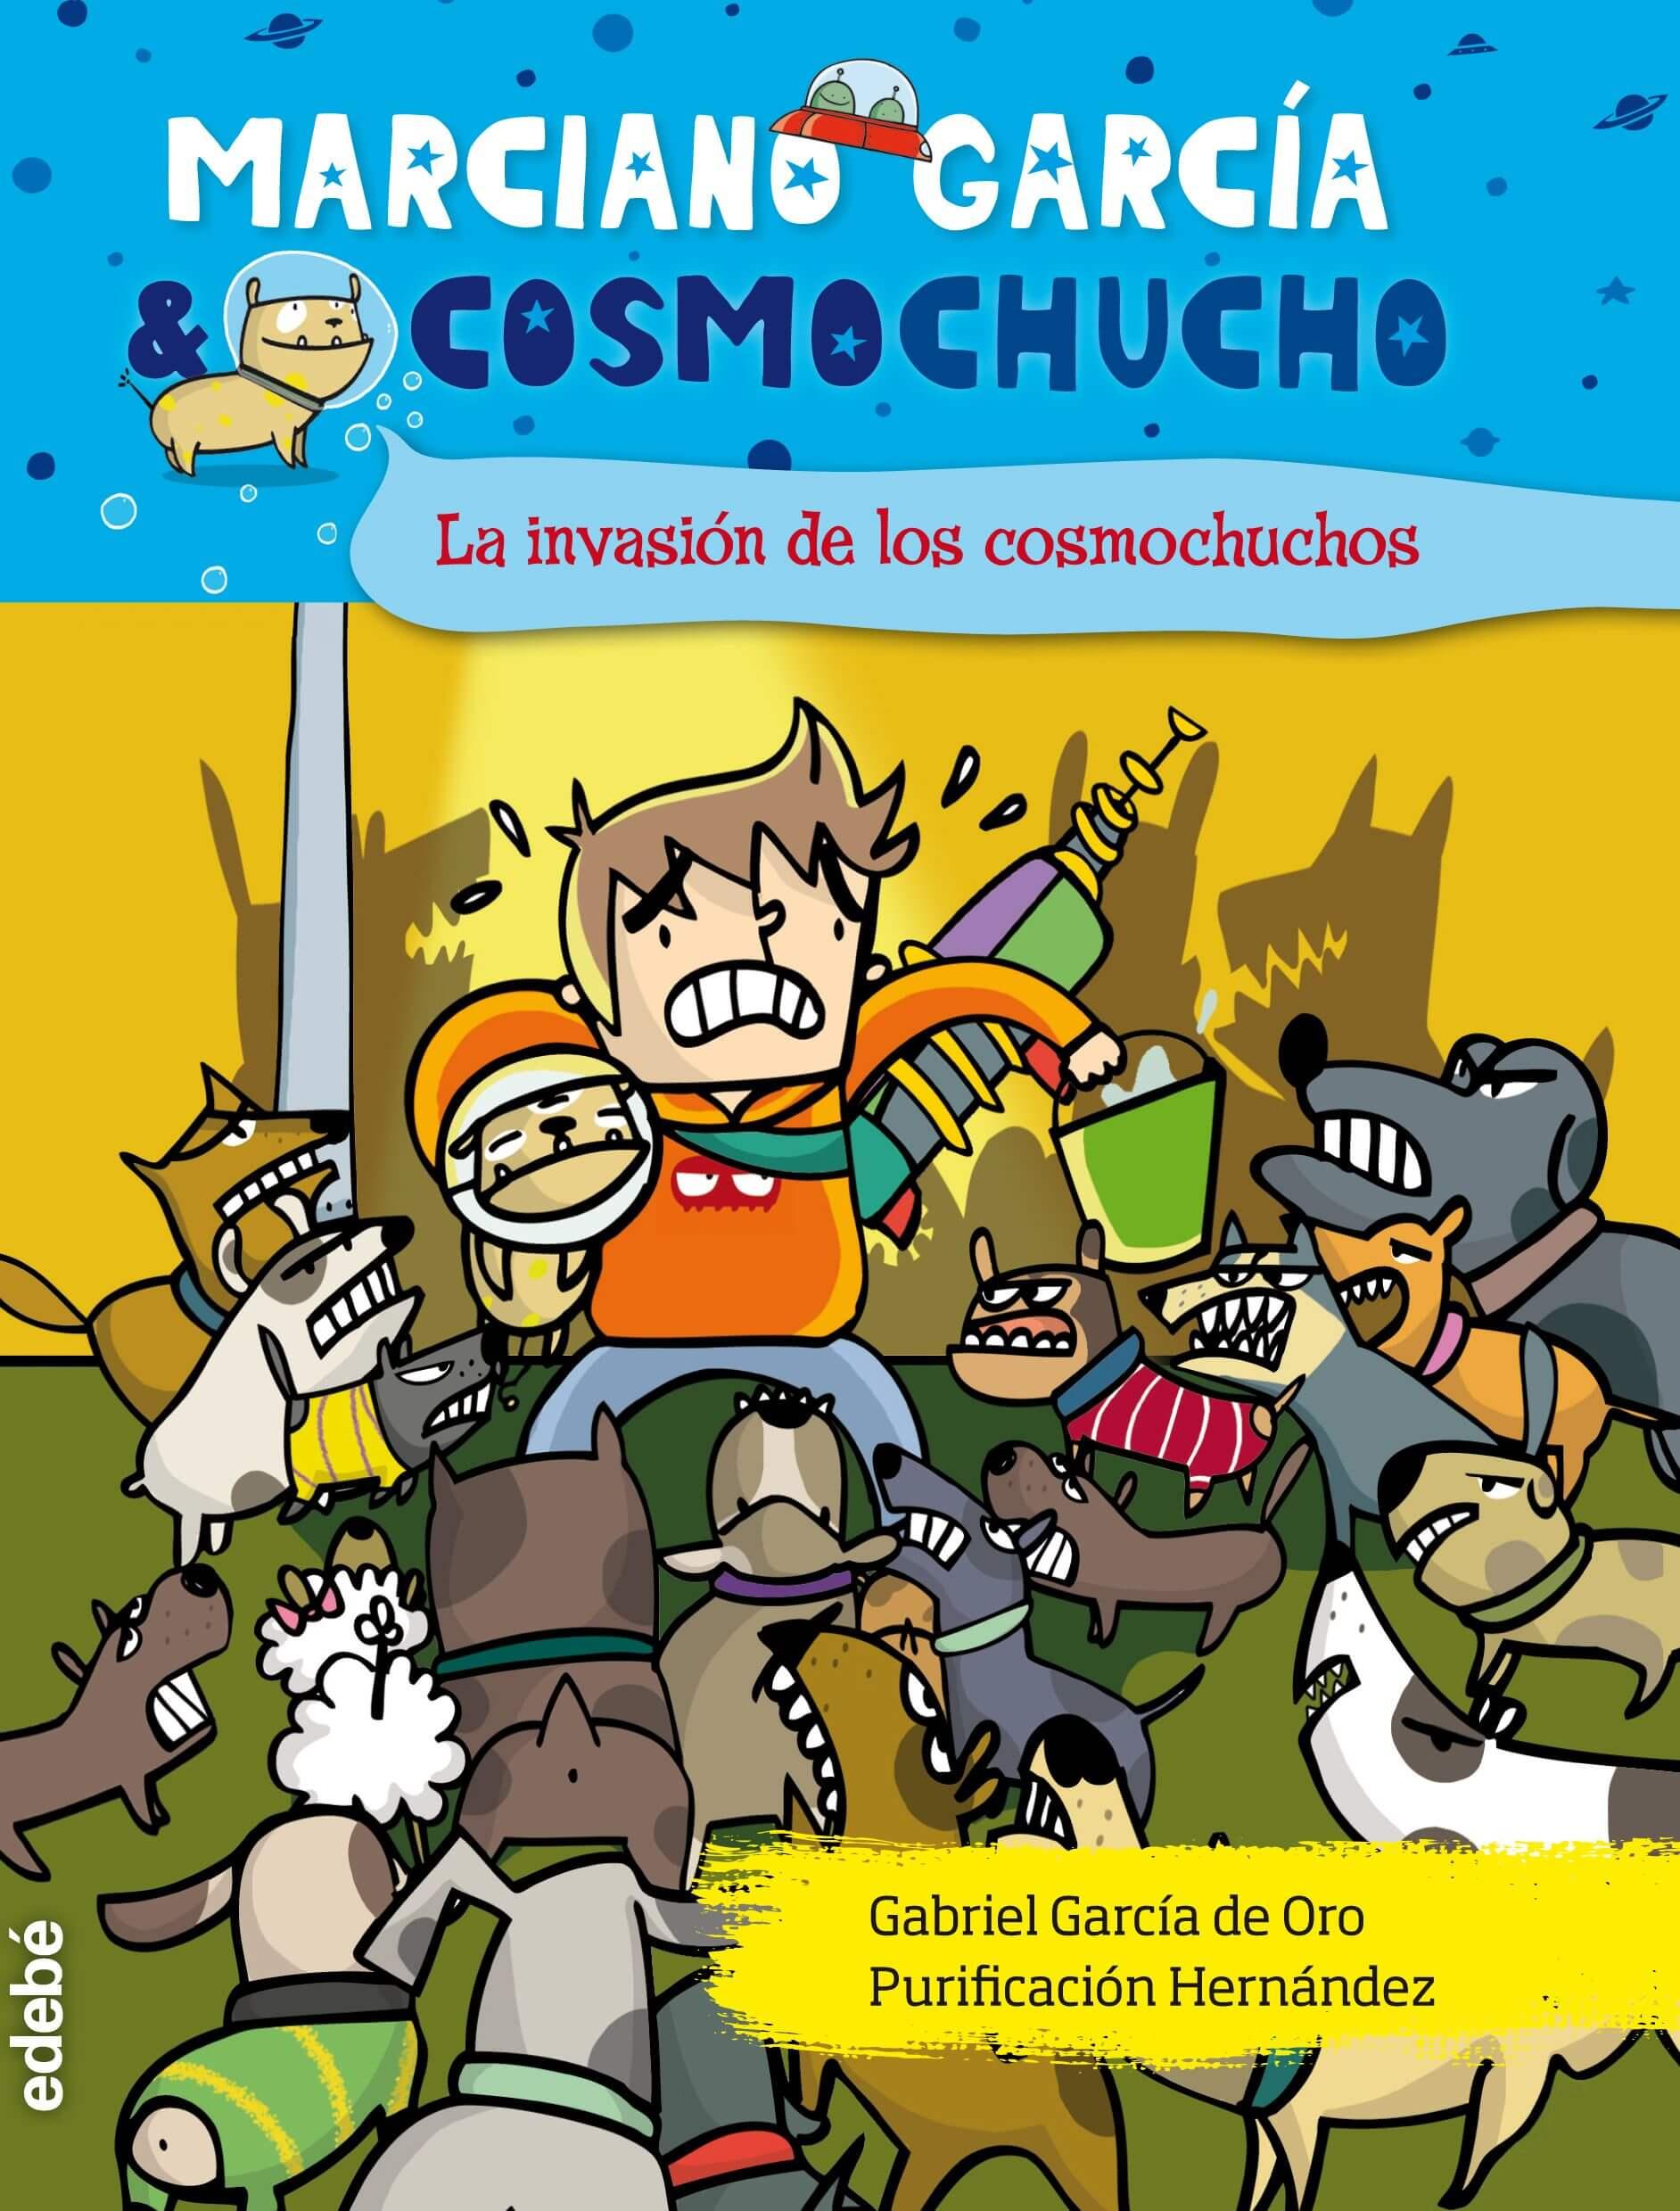 Mariano García Cosmochucho IV